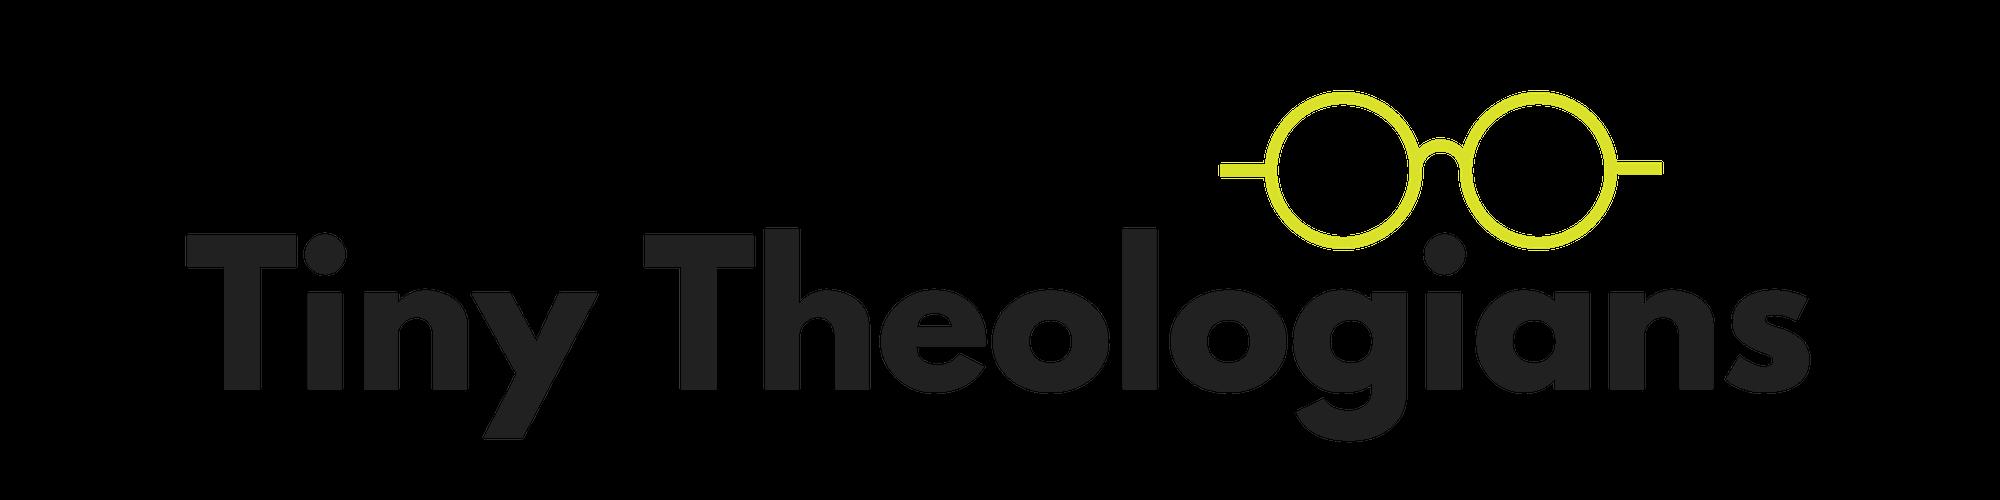 tiny-theologians.png